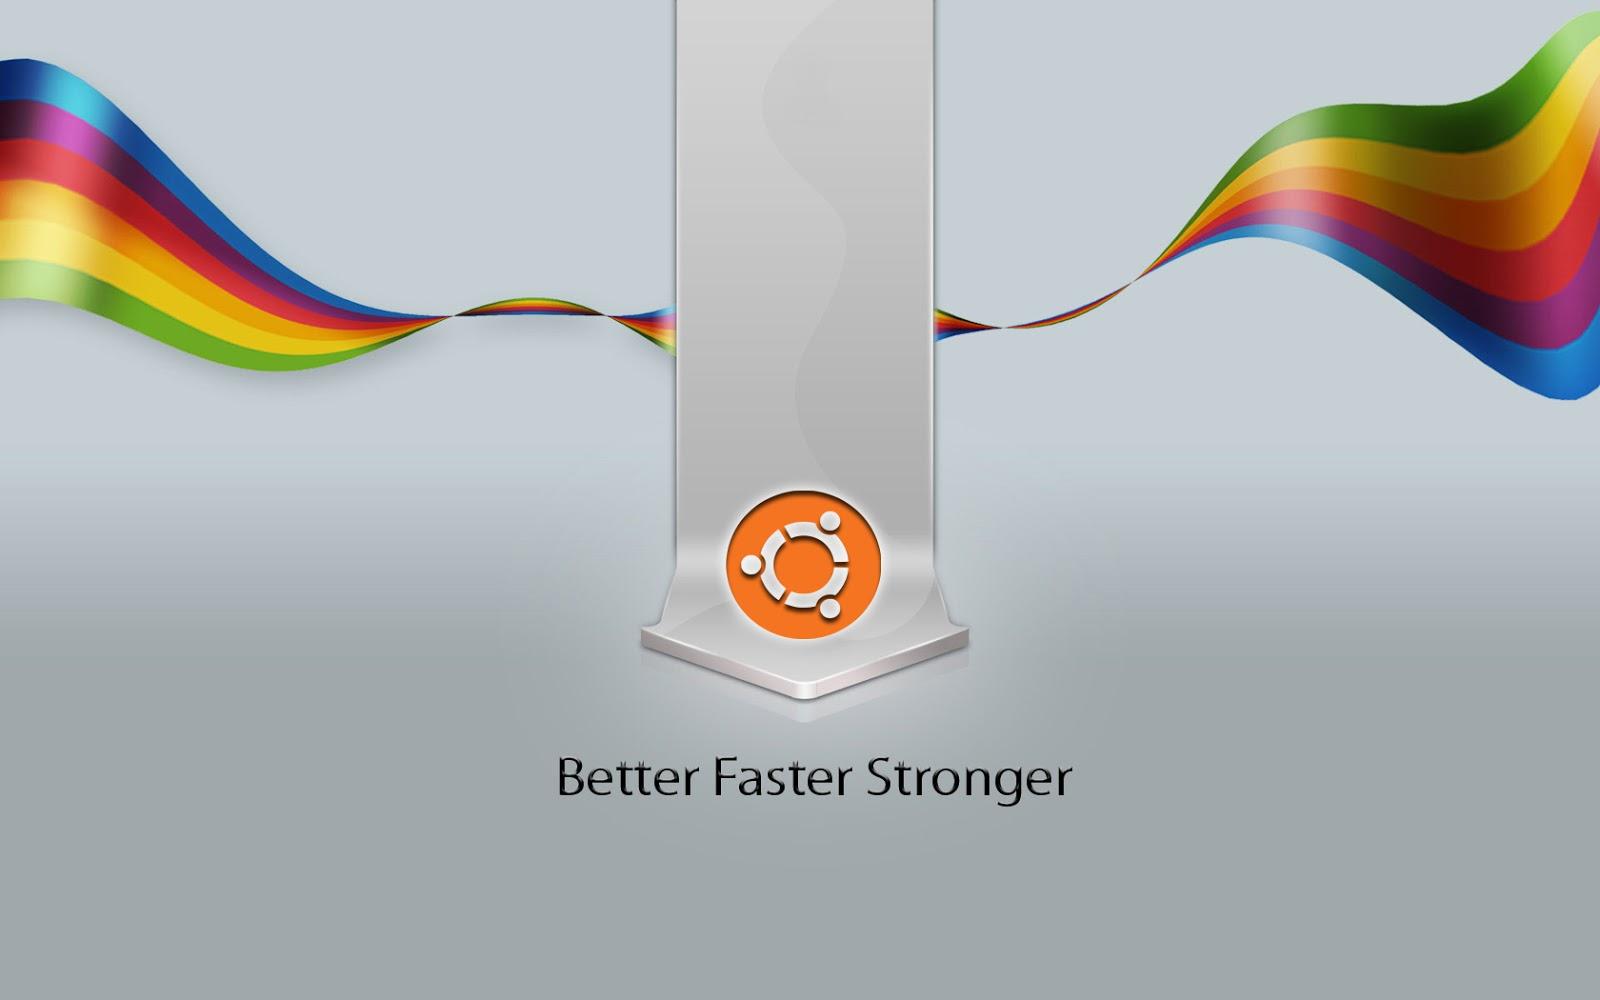 http://3.bp.blogspot.com/-_ZnNkOnoM5E/TtM73VOWsGI/AAAAAAAAACo/bQwyR_h3xb4/s1600/ubuntu_wallpaper_by_ihack6-d30sawu.jpg